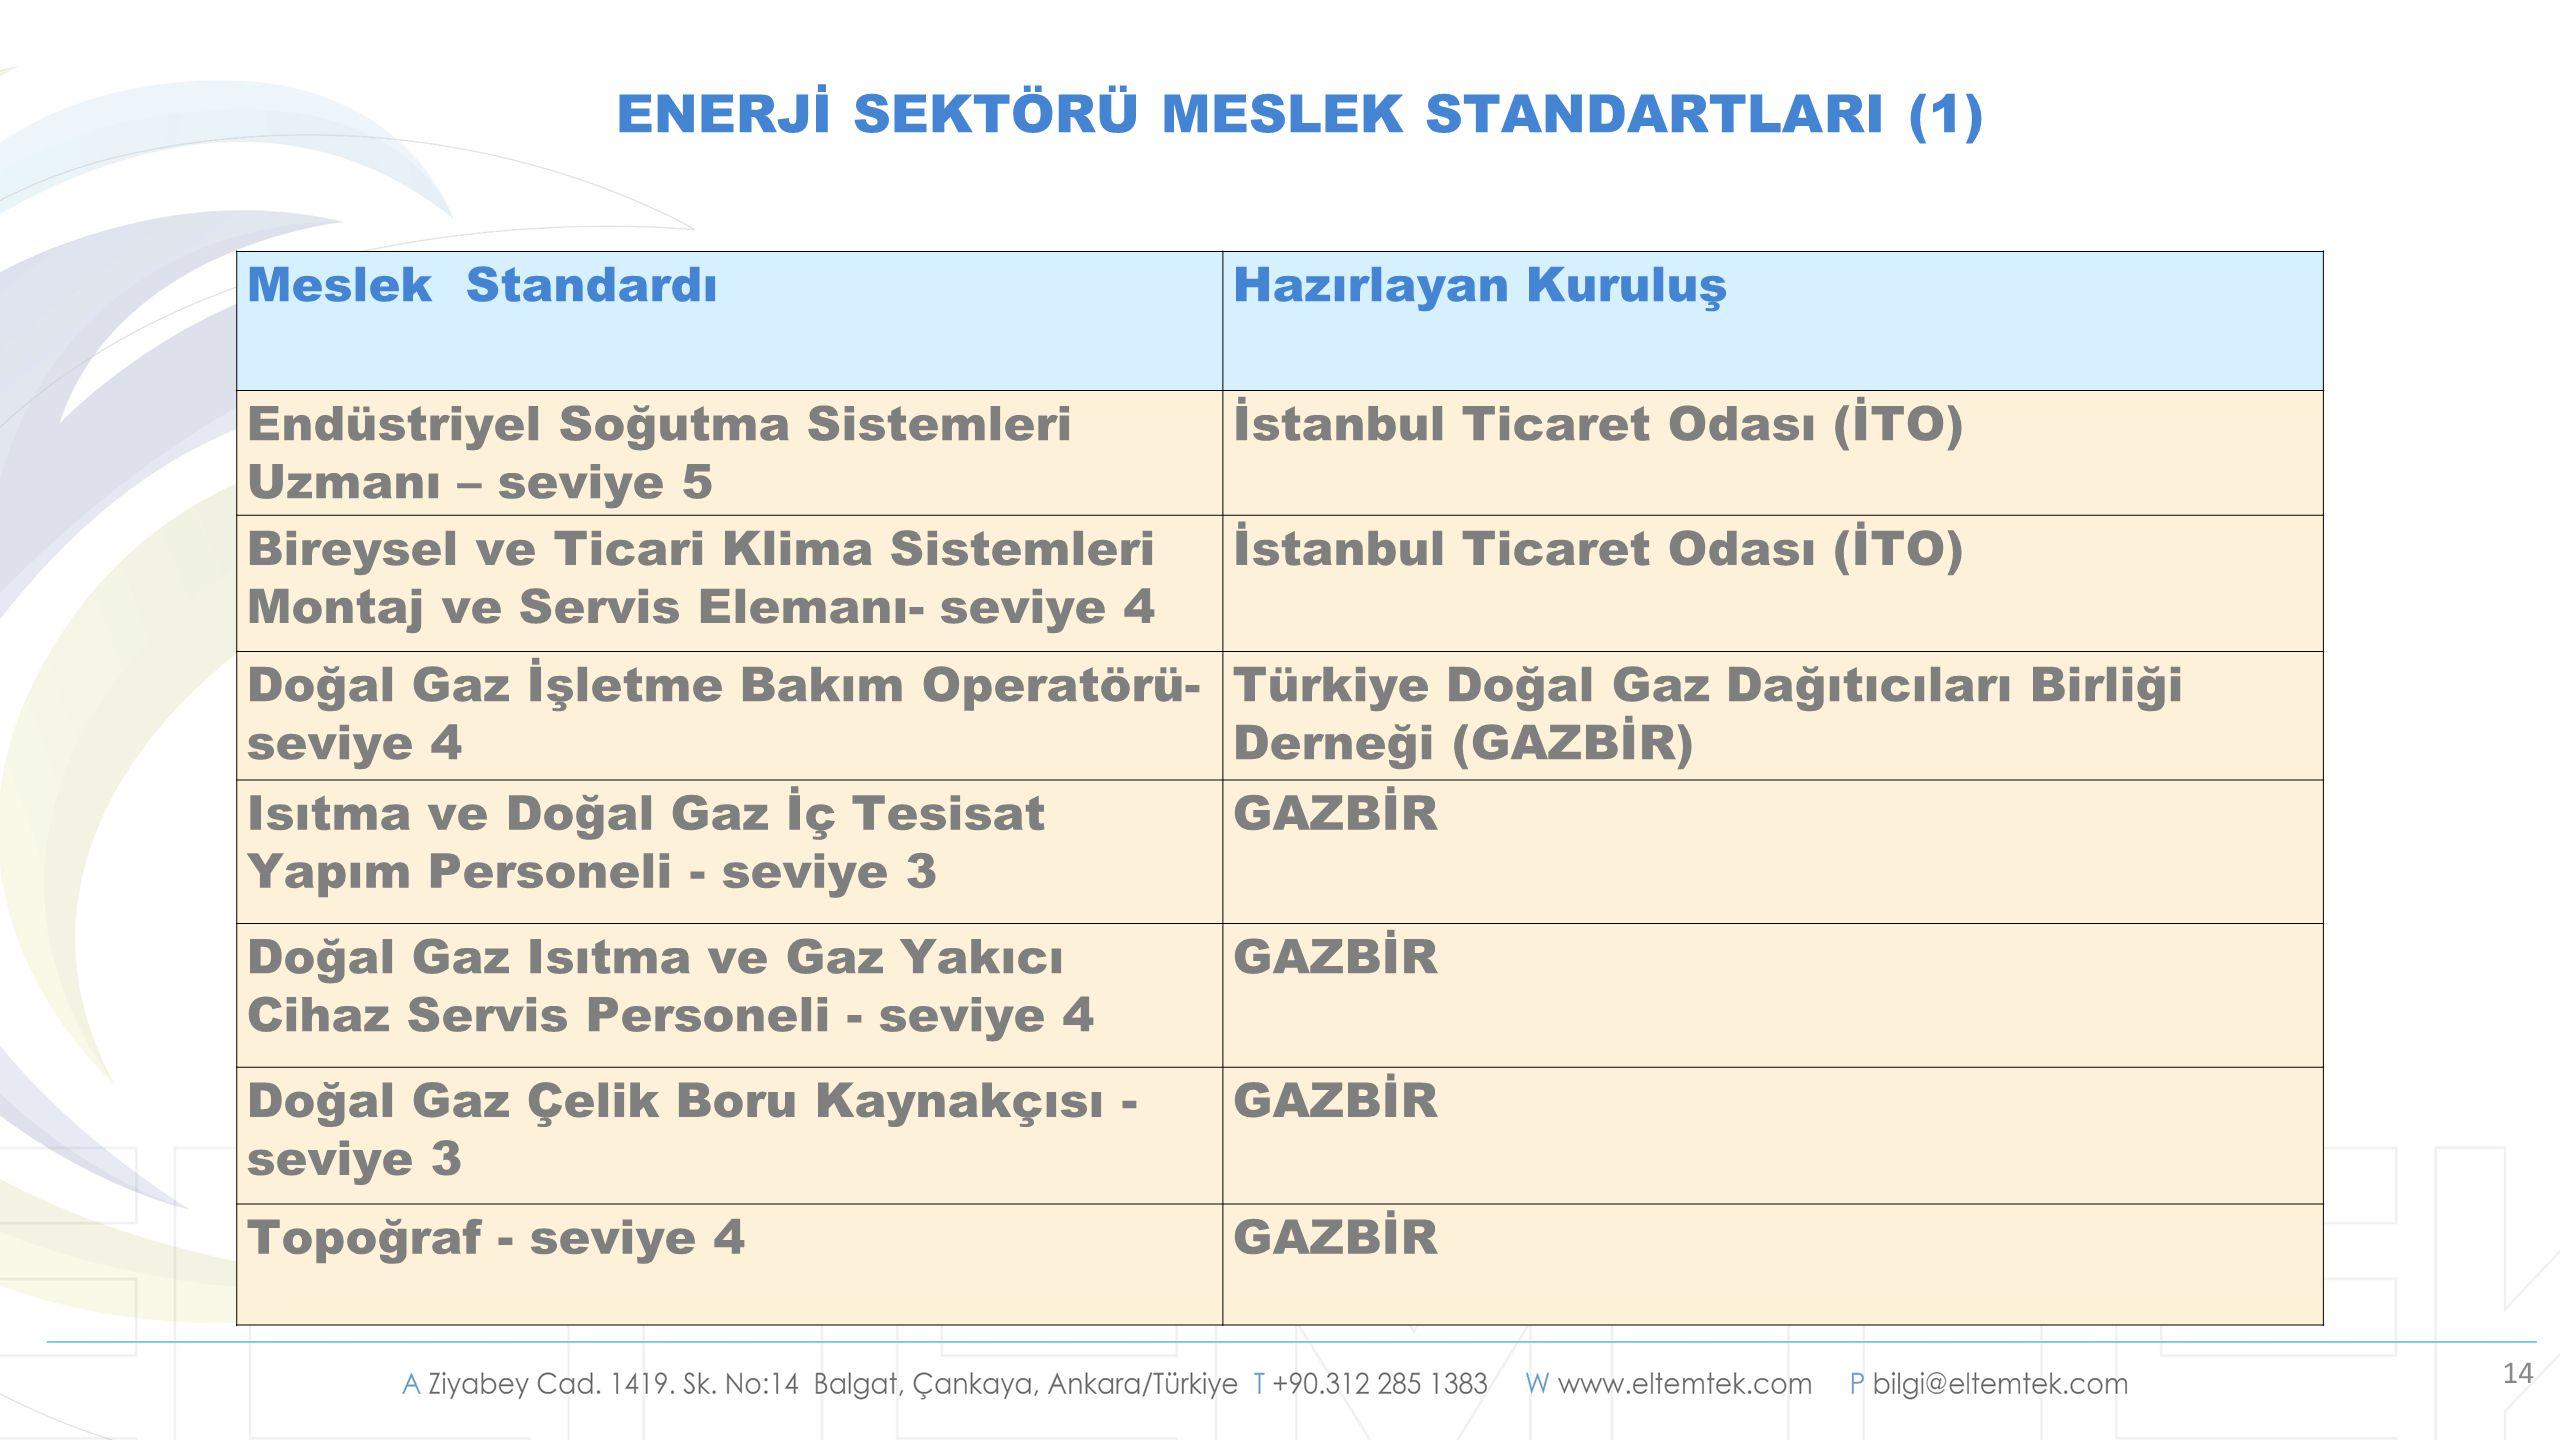 ENERJİ SEKTÖRÜ MESLEK STANDARTLARI (1)